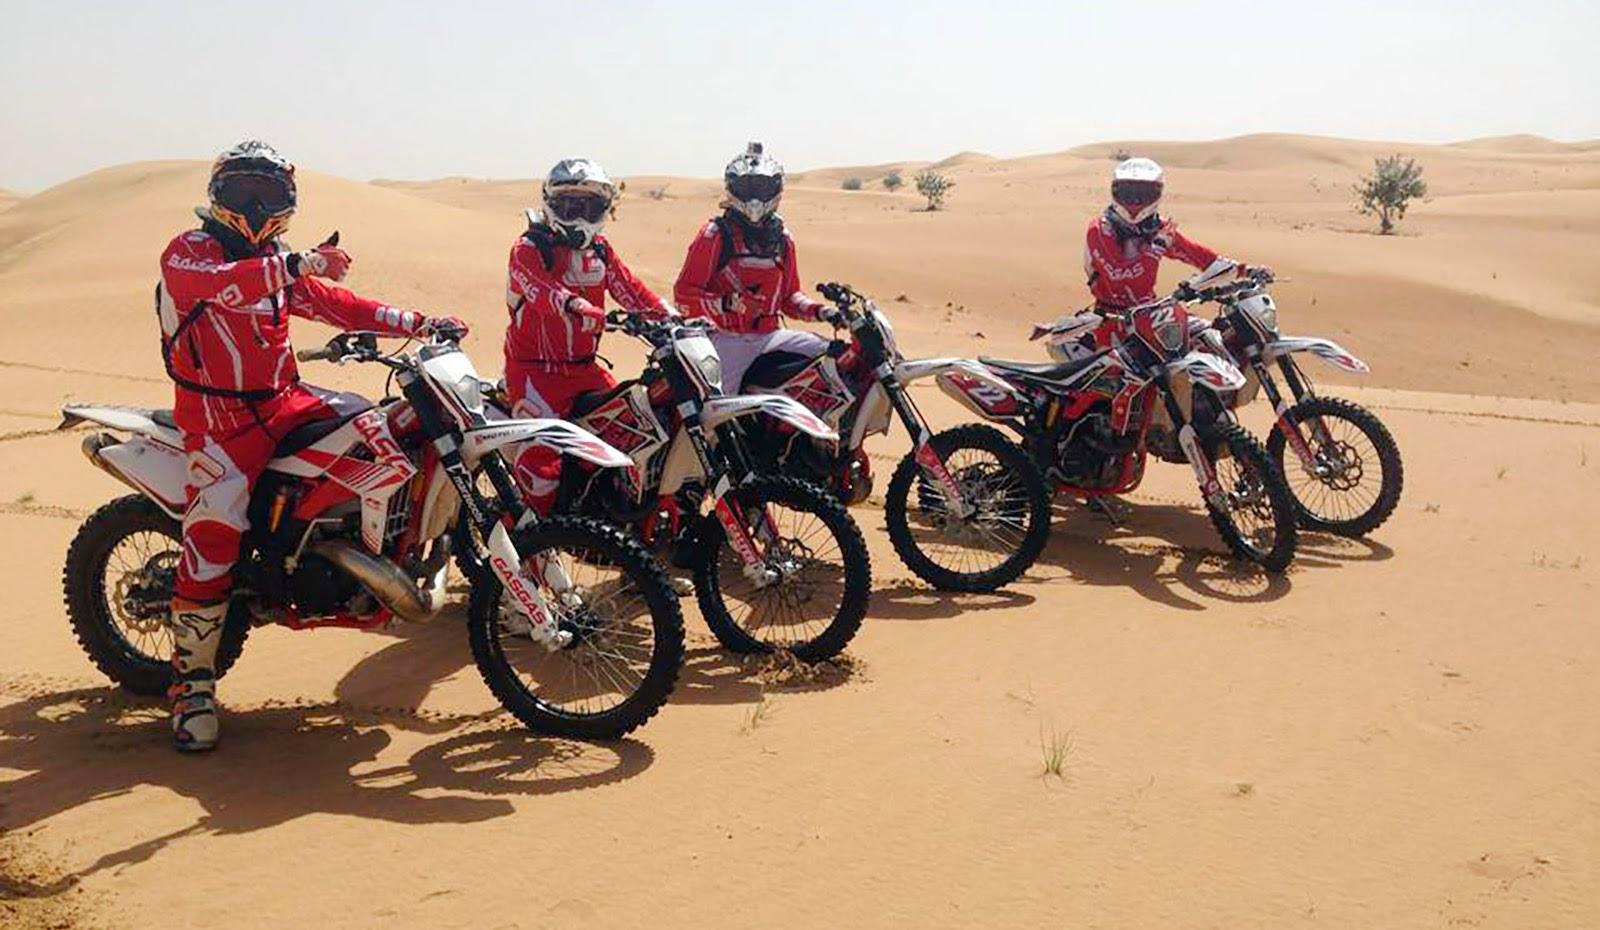 Moto x bikes, quads